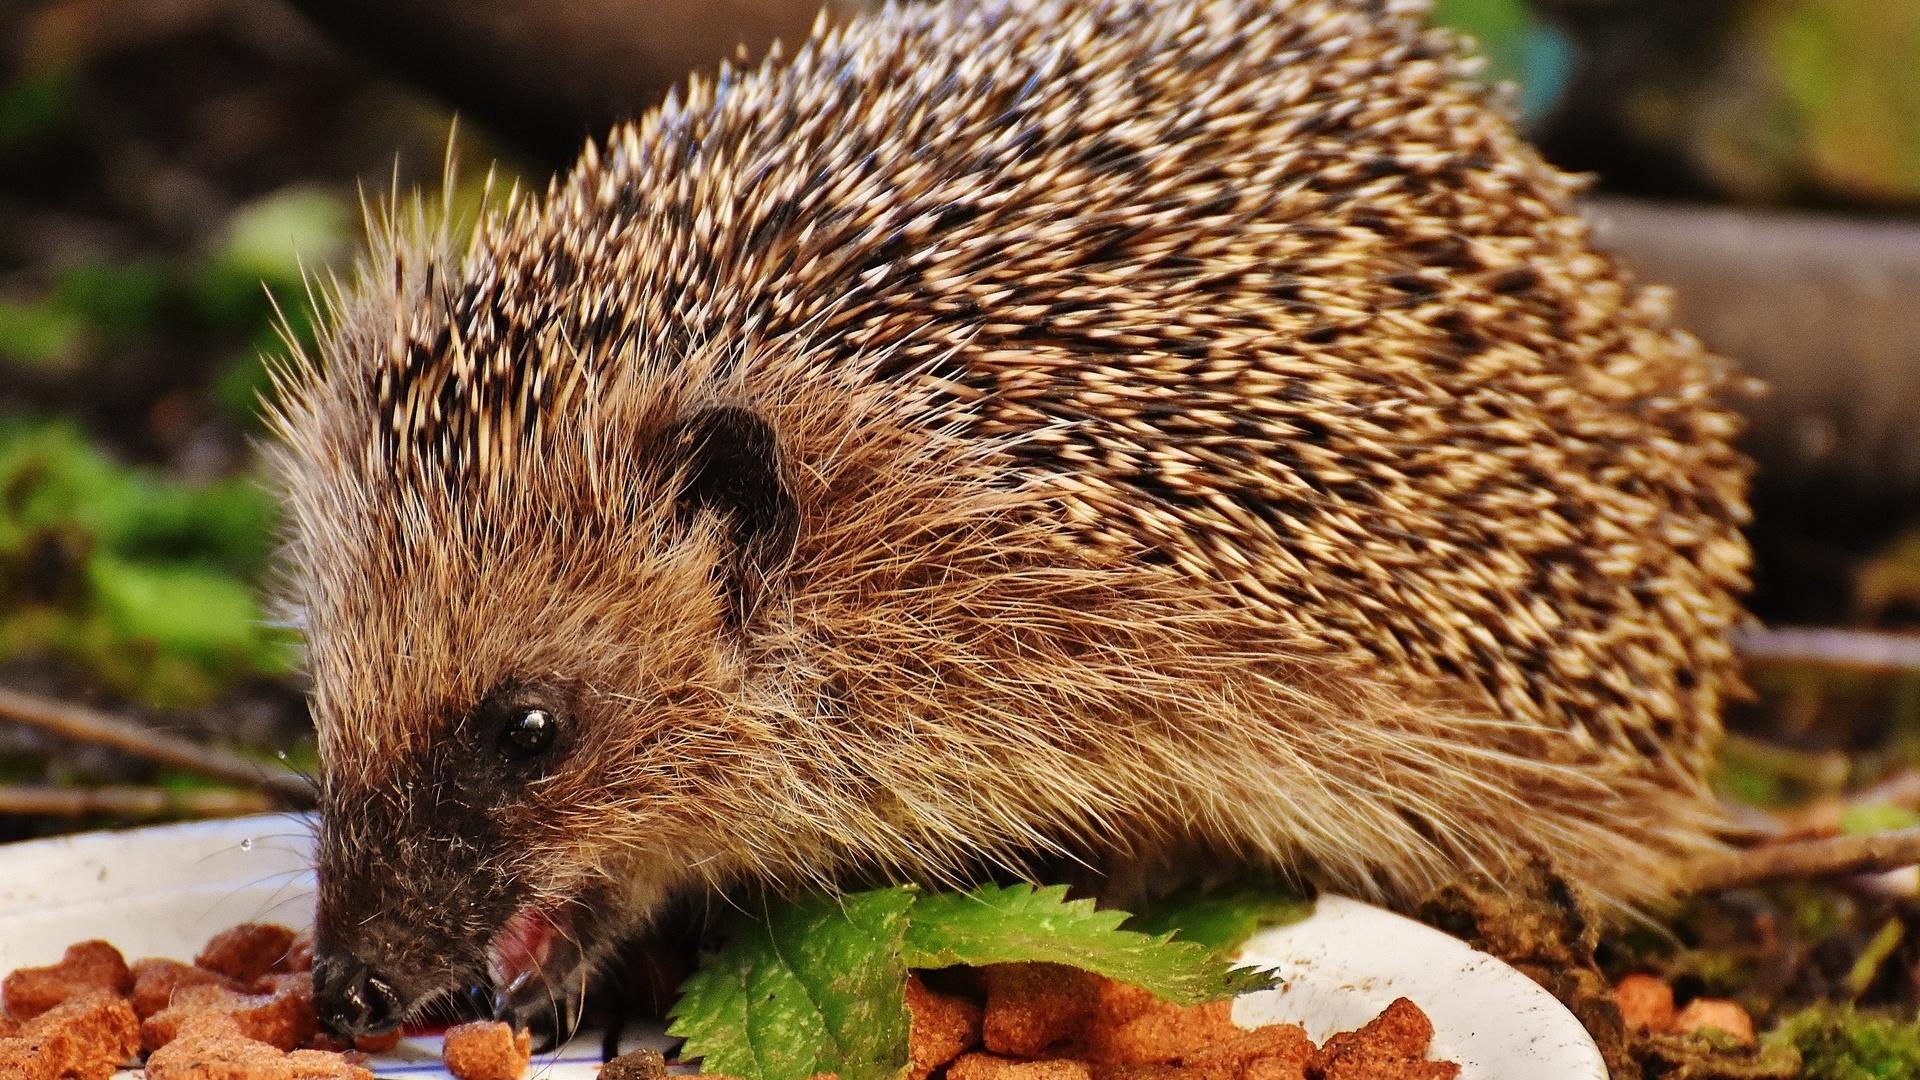 Hedgehog computer wallpaper